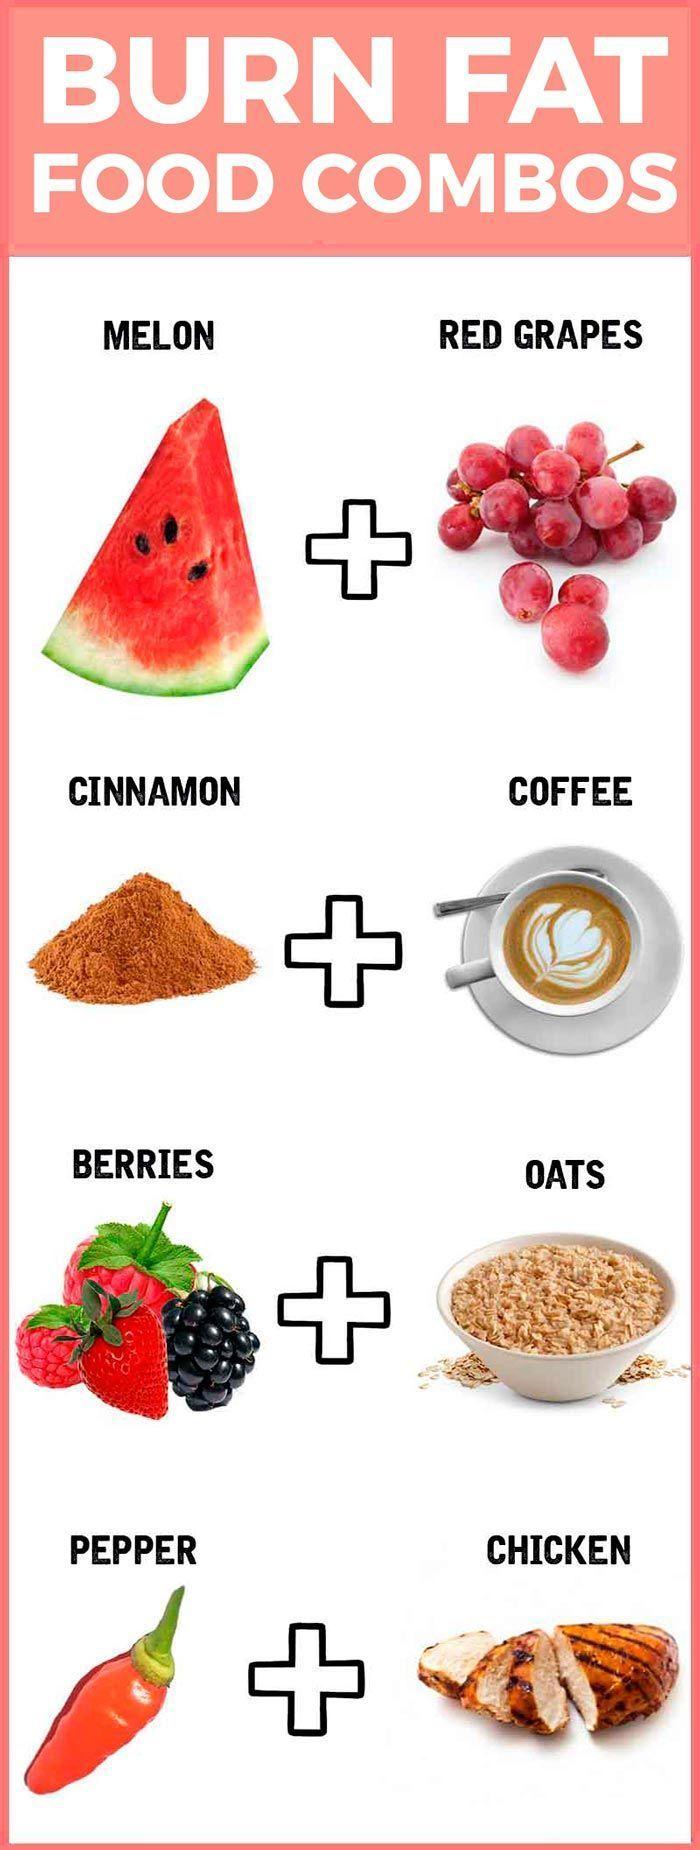 Food combinations to burn fat lose weight Mehr zum Abnehmen gibt es auf interessante-dinge.de